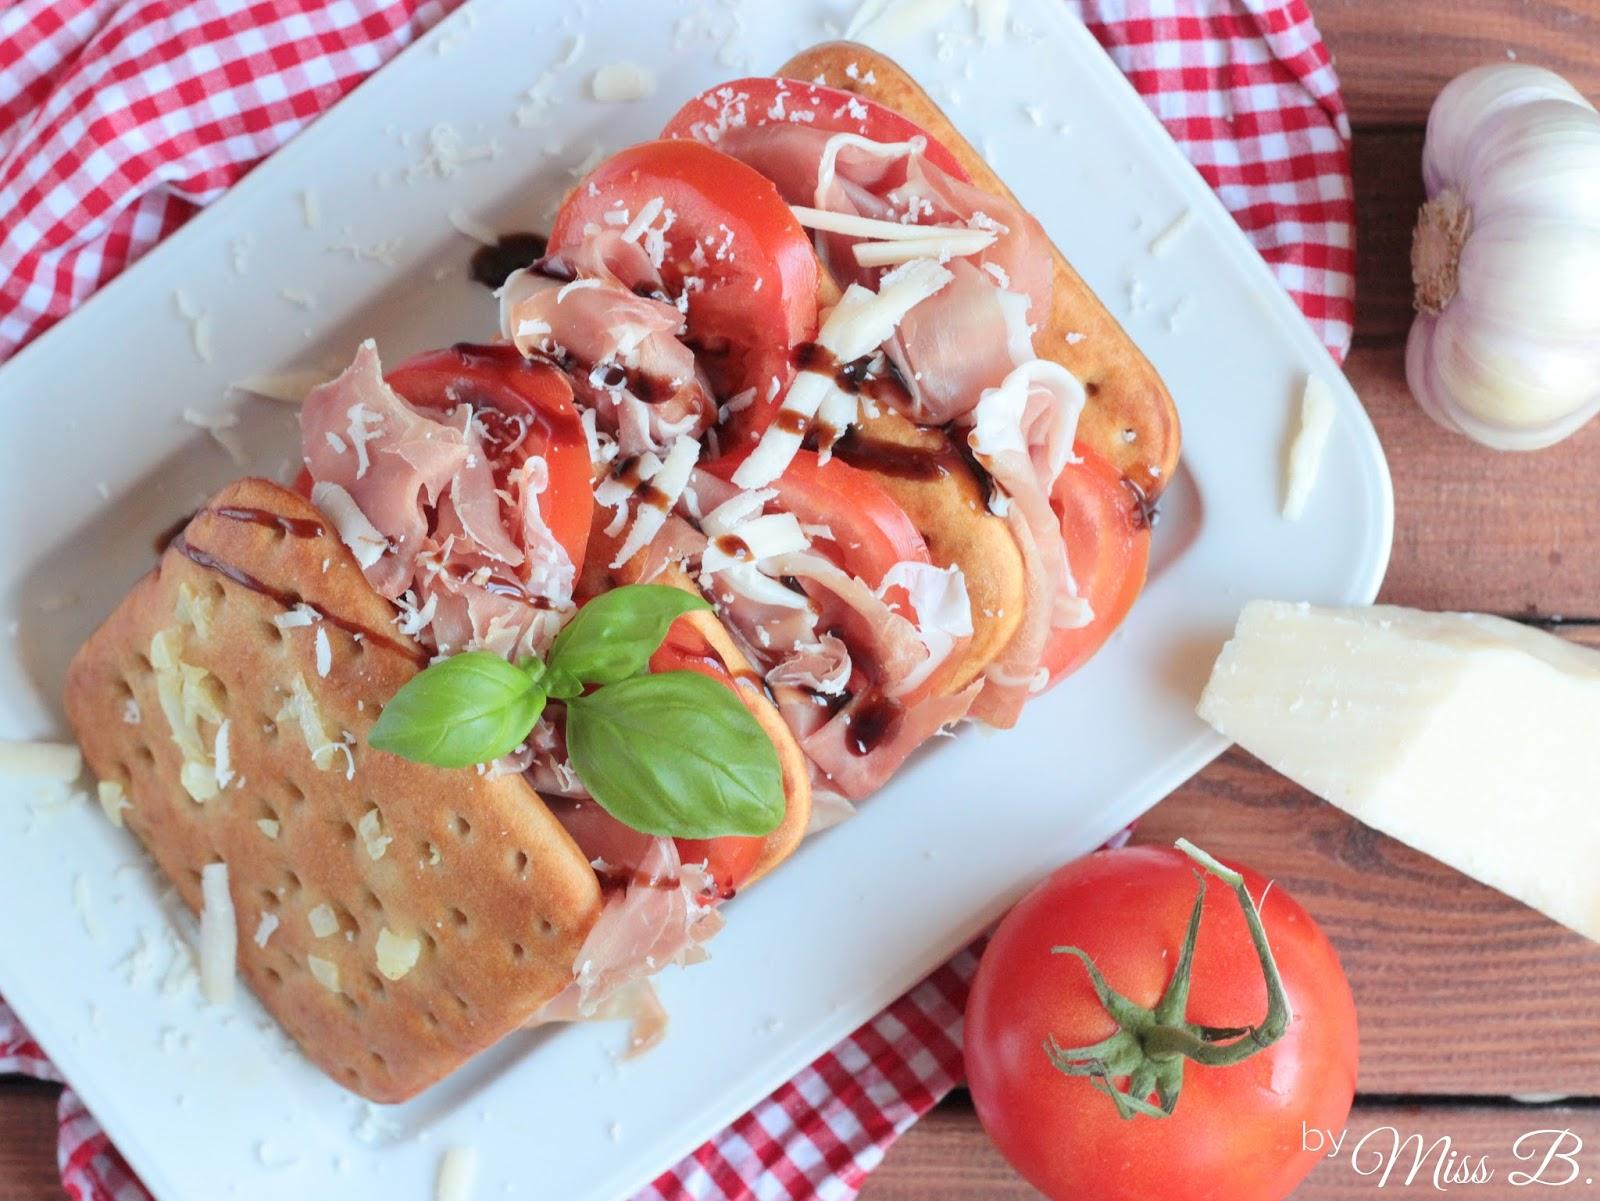 Soft Bröd Rezept : miss blueberrymuffin 39 s kitchen panzanella in schichten mit soft br d reklame ~ Watch28wear.com Haus und Dekorationen